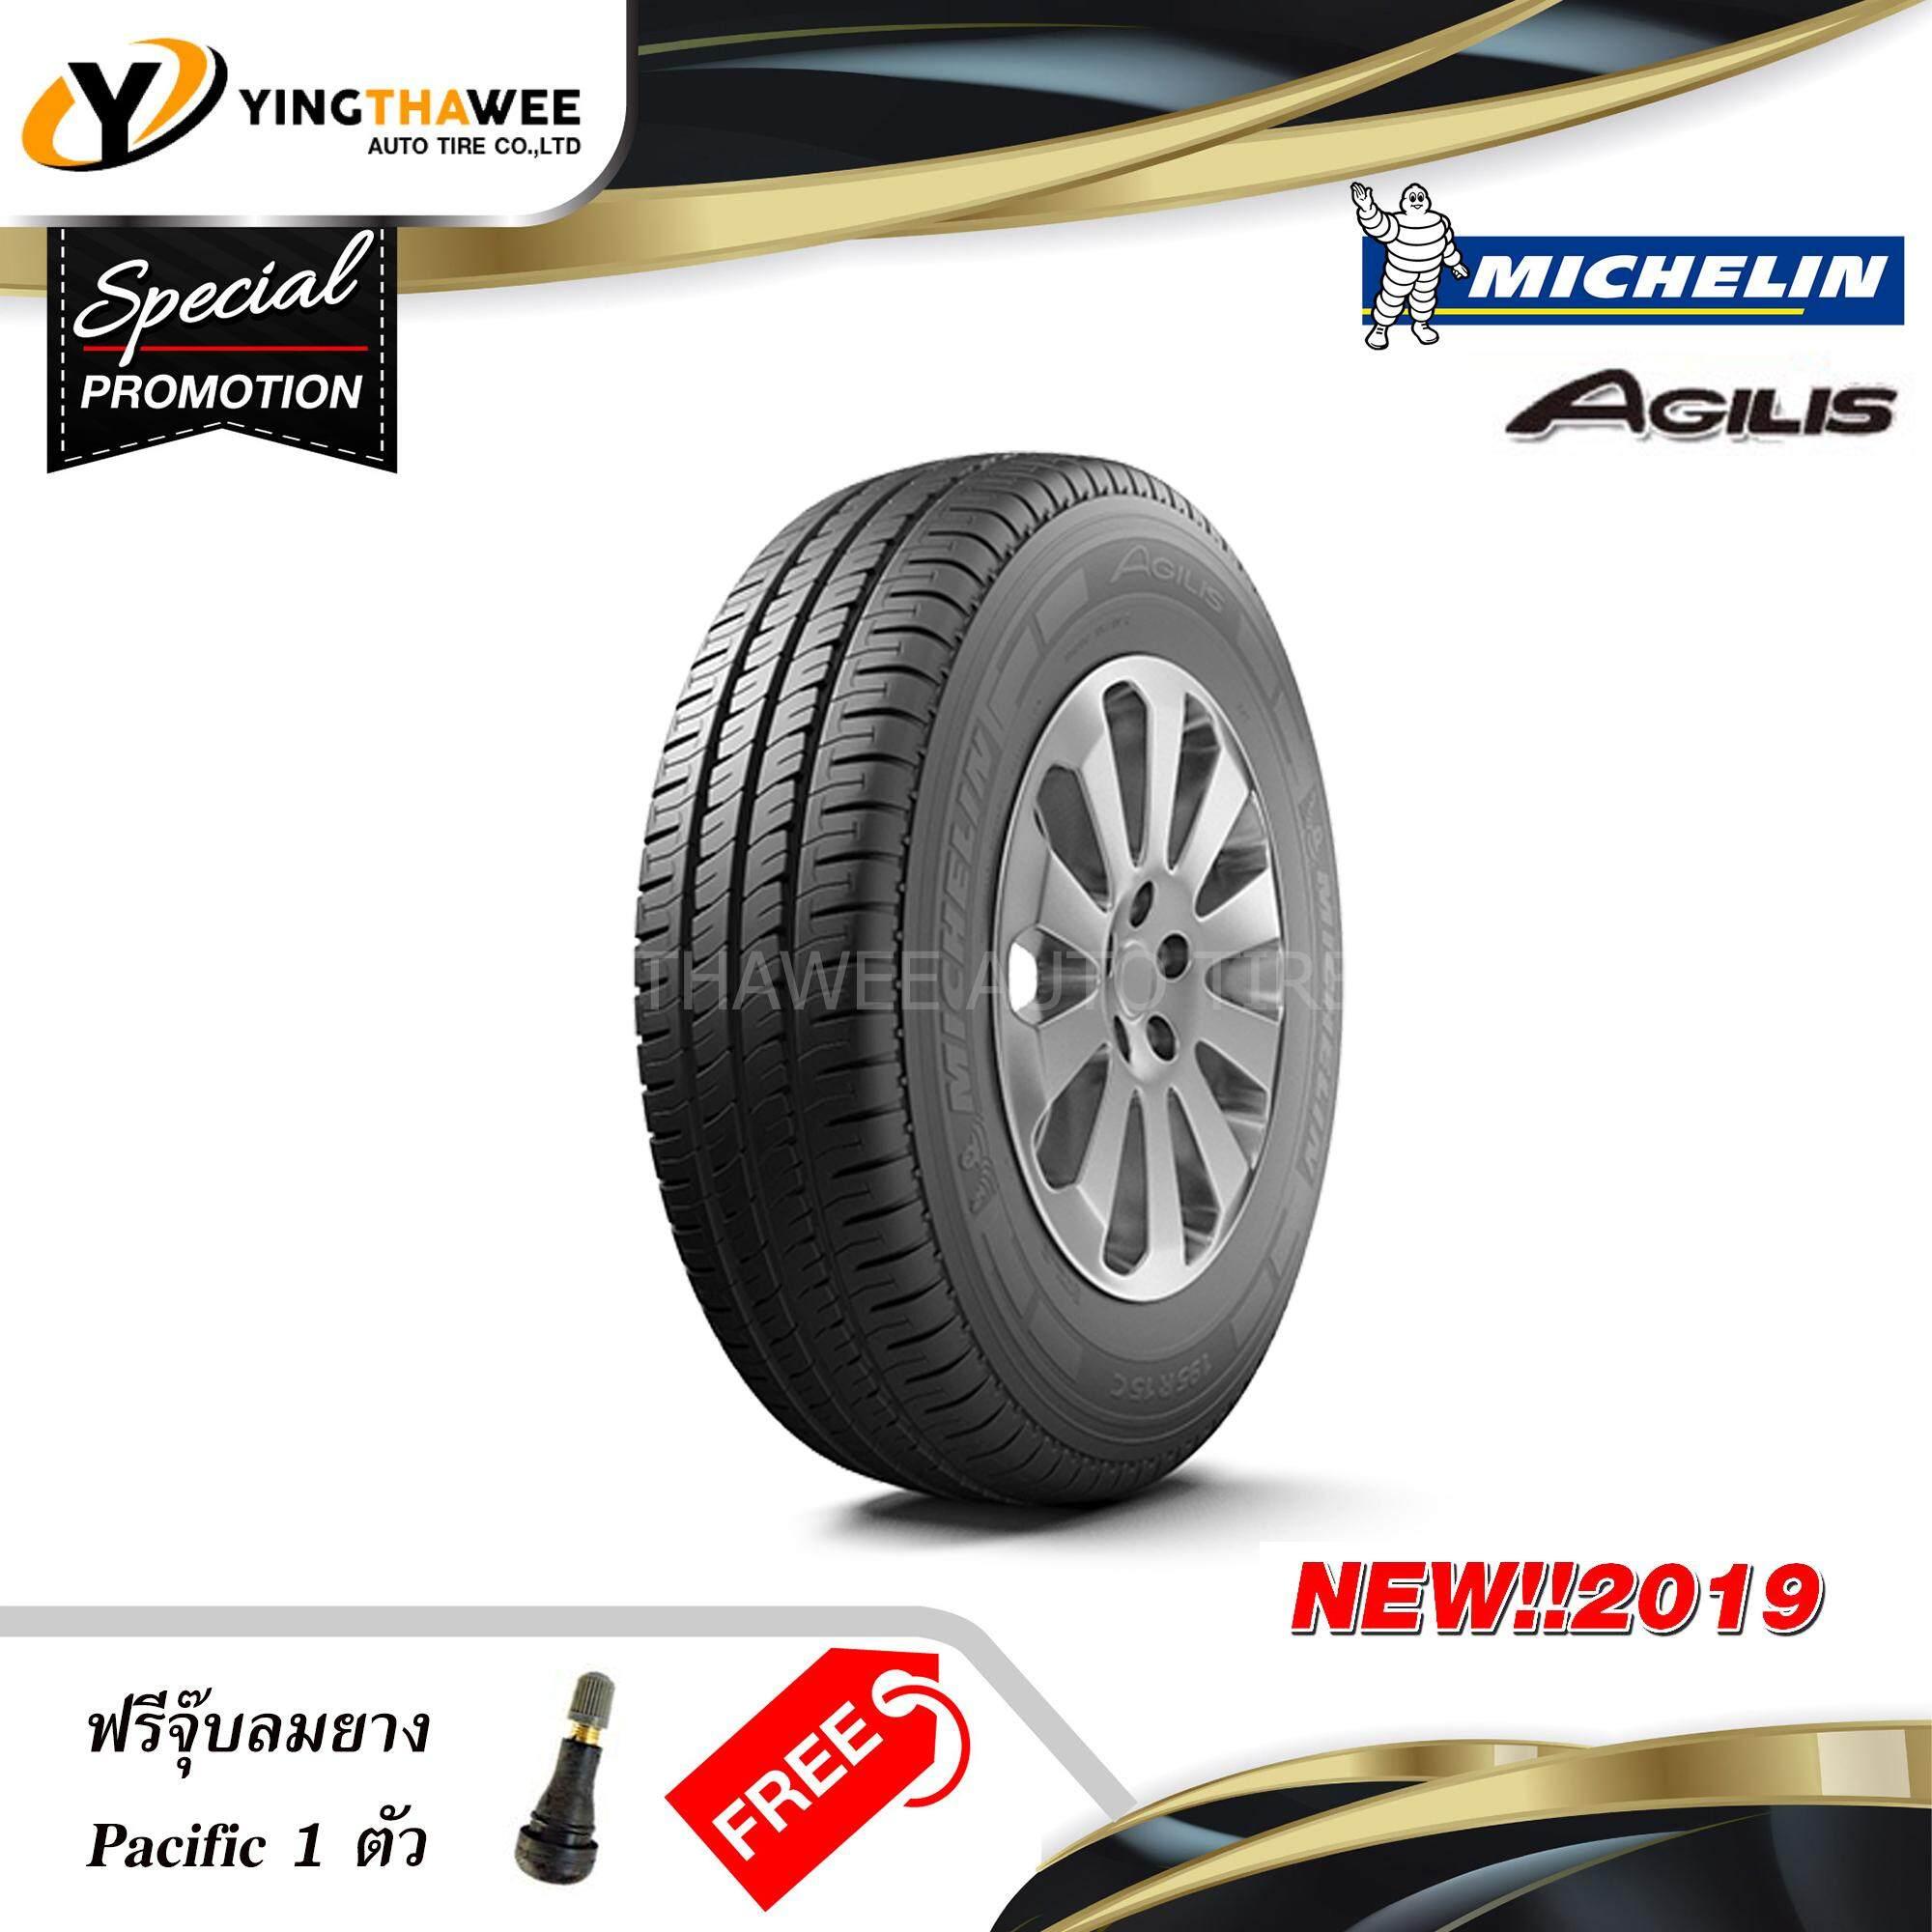 หนองบัวลำภู MICHELIN ยางรถยนต์ 205/70R15 รุ่น AGILIS  1 เส้น (ปี 2019) แถมจุ๊บลมยางแกนทองเหลือง 1 ตัว